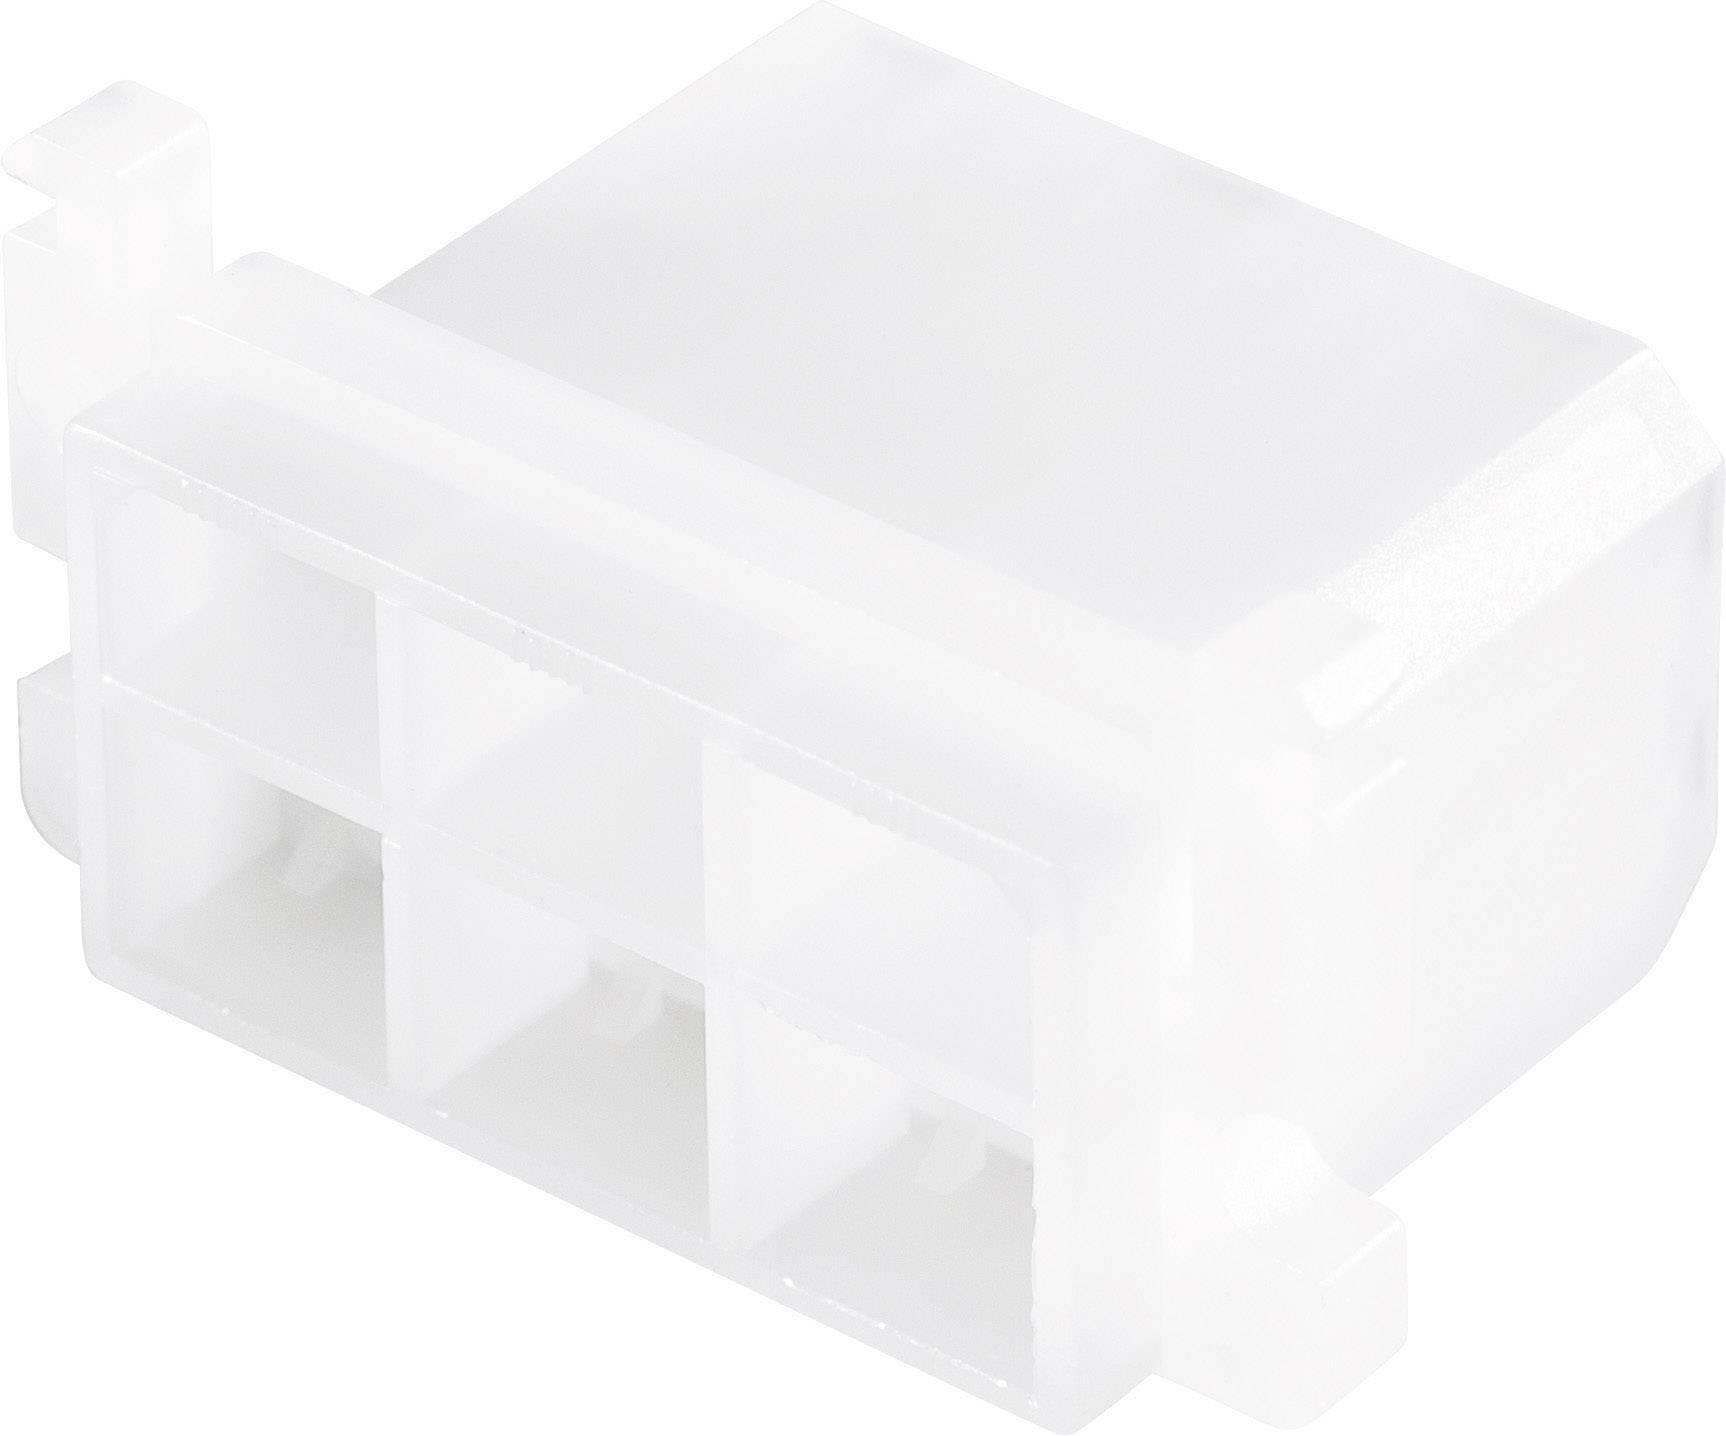 Konektor, 6,3 mm, 1 - 2,5 mm², 6pólové, transparentní